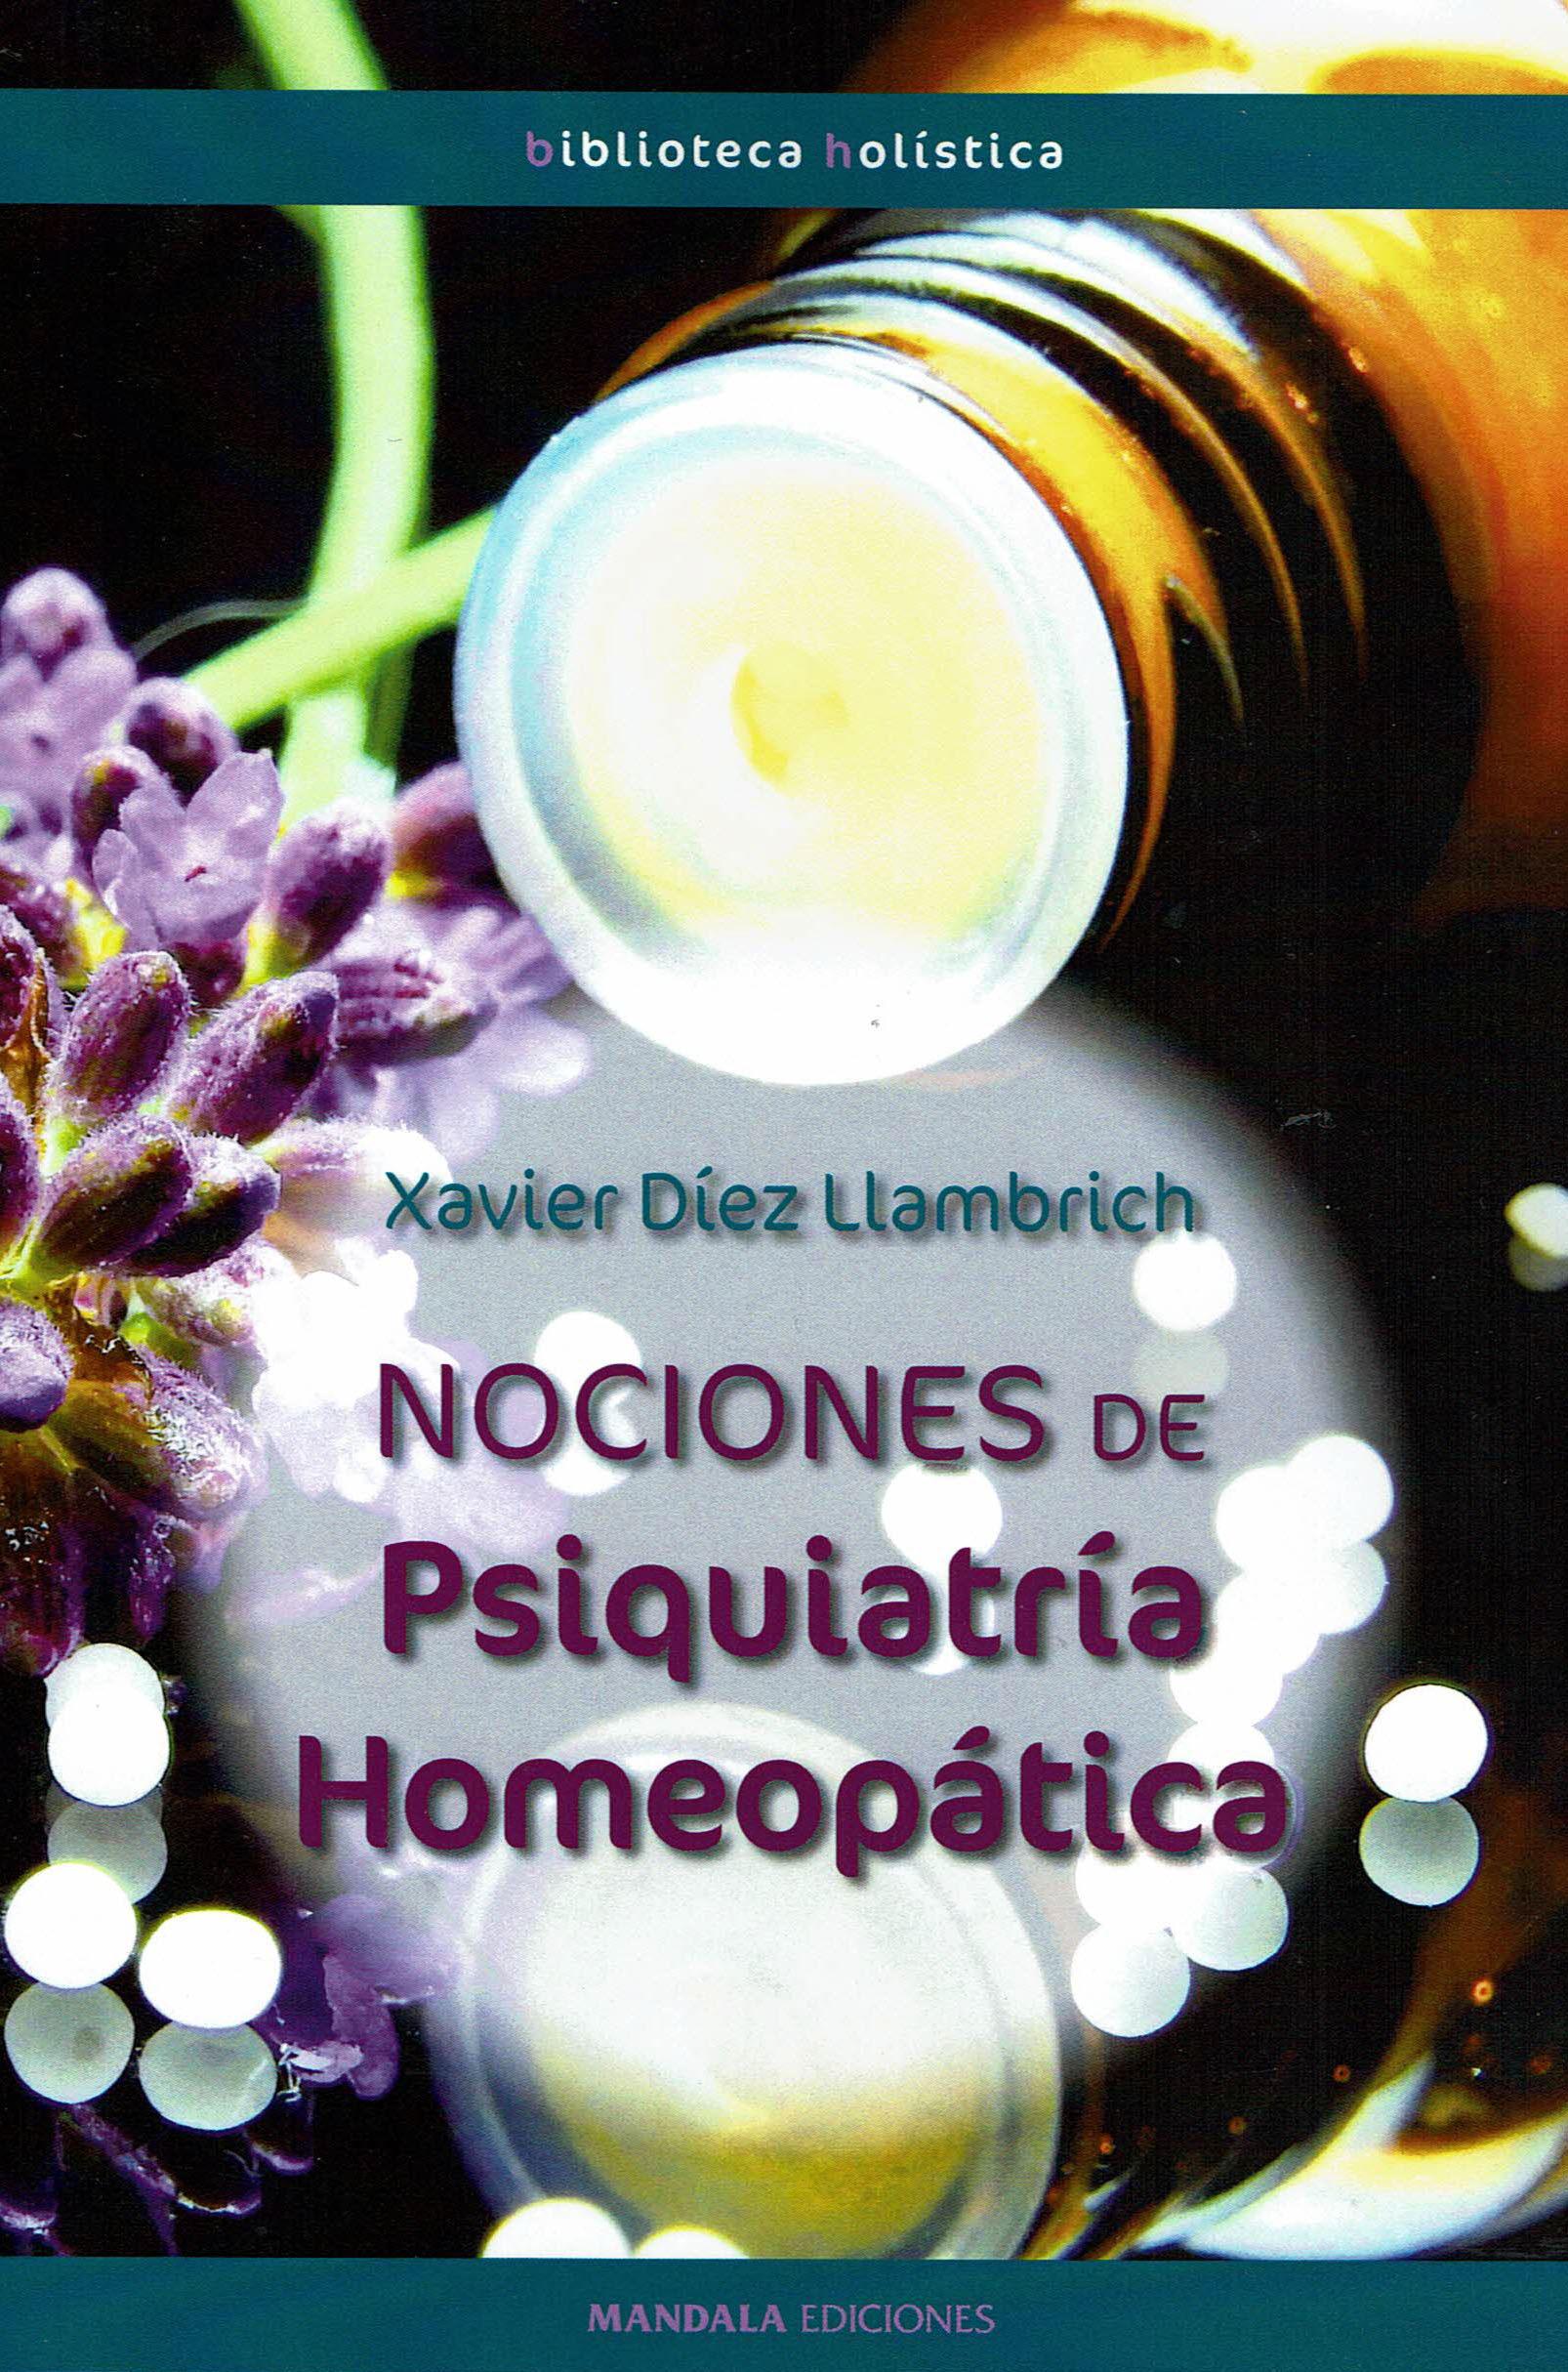 Nociones De Psiquiatría Homeopática por Xavier Diez Llambrich